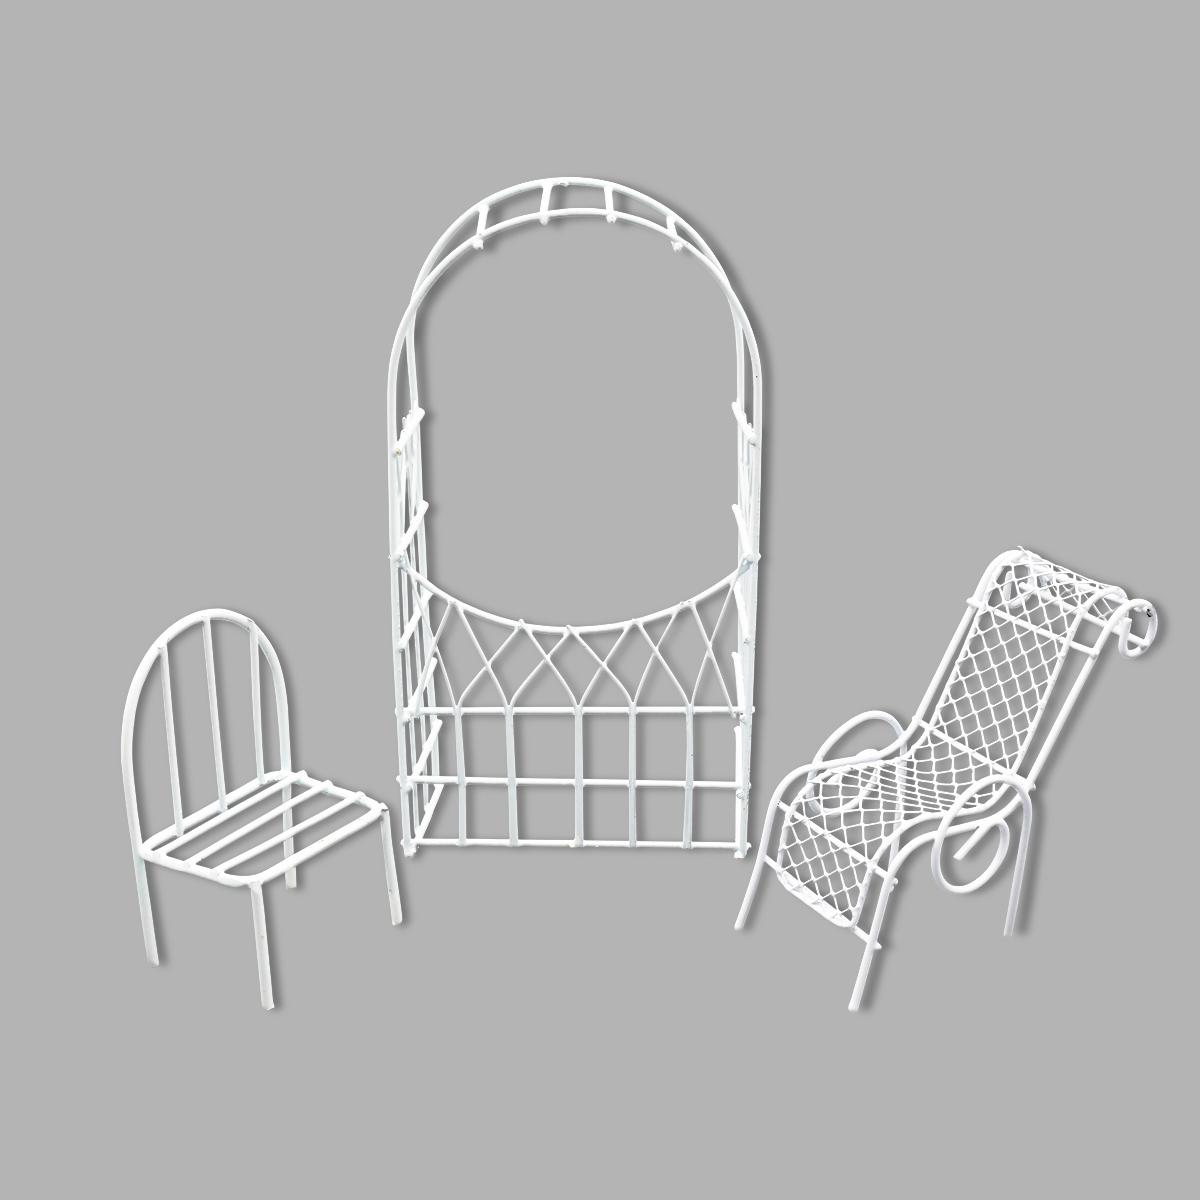 Мебель для куклы, 3 предмета (шезлонг, стул, арка), Астра